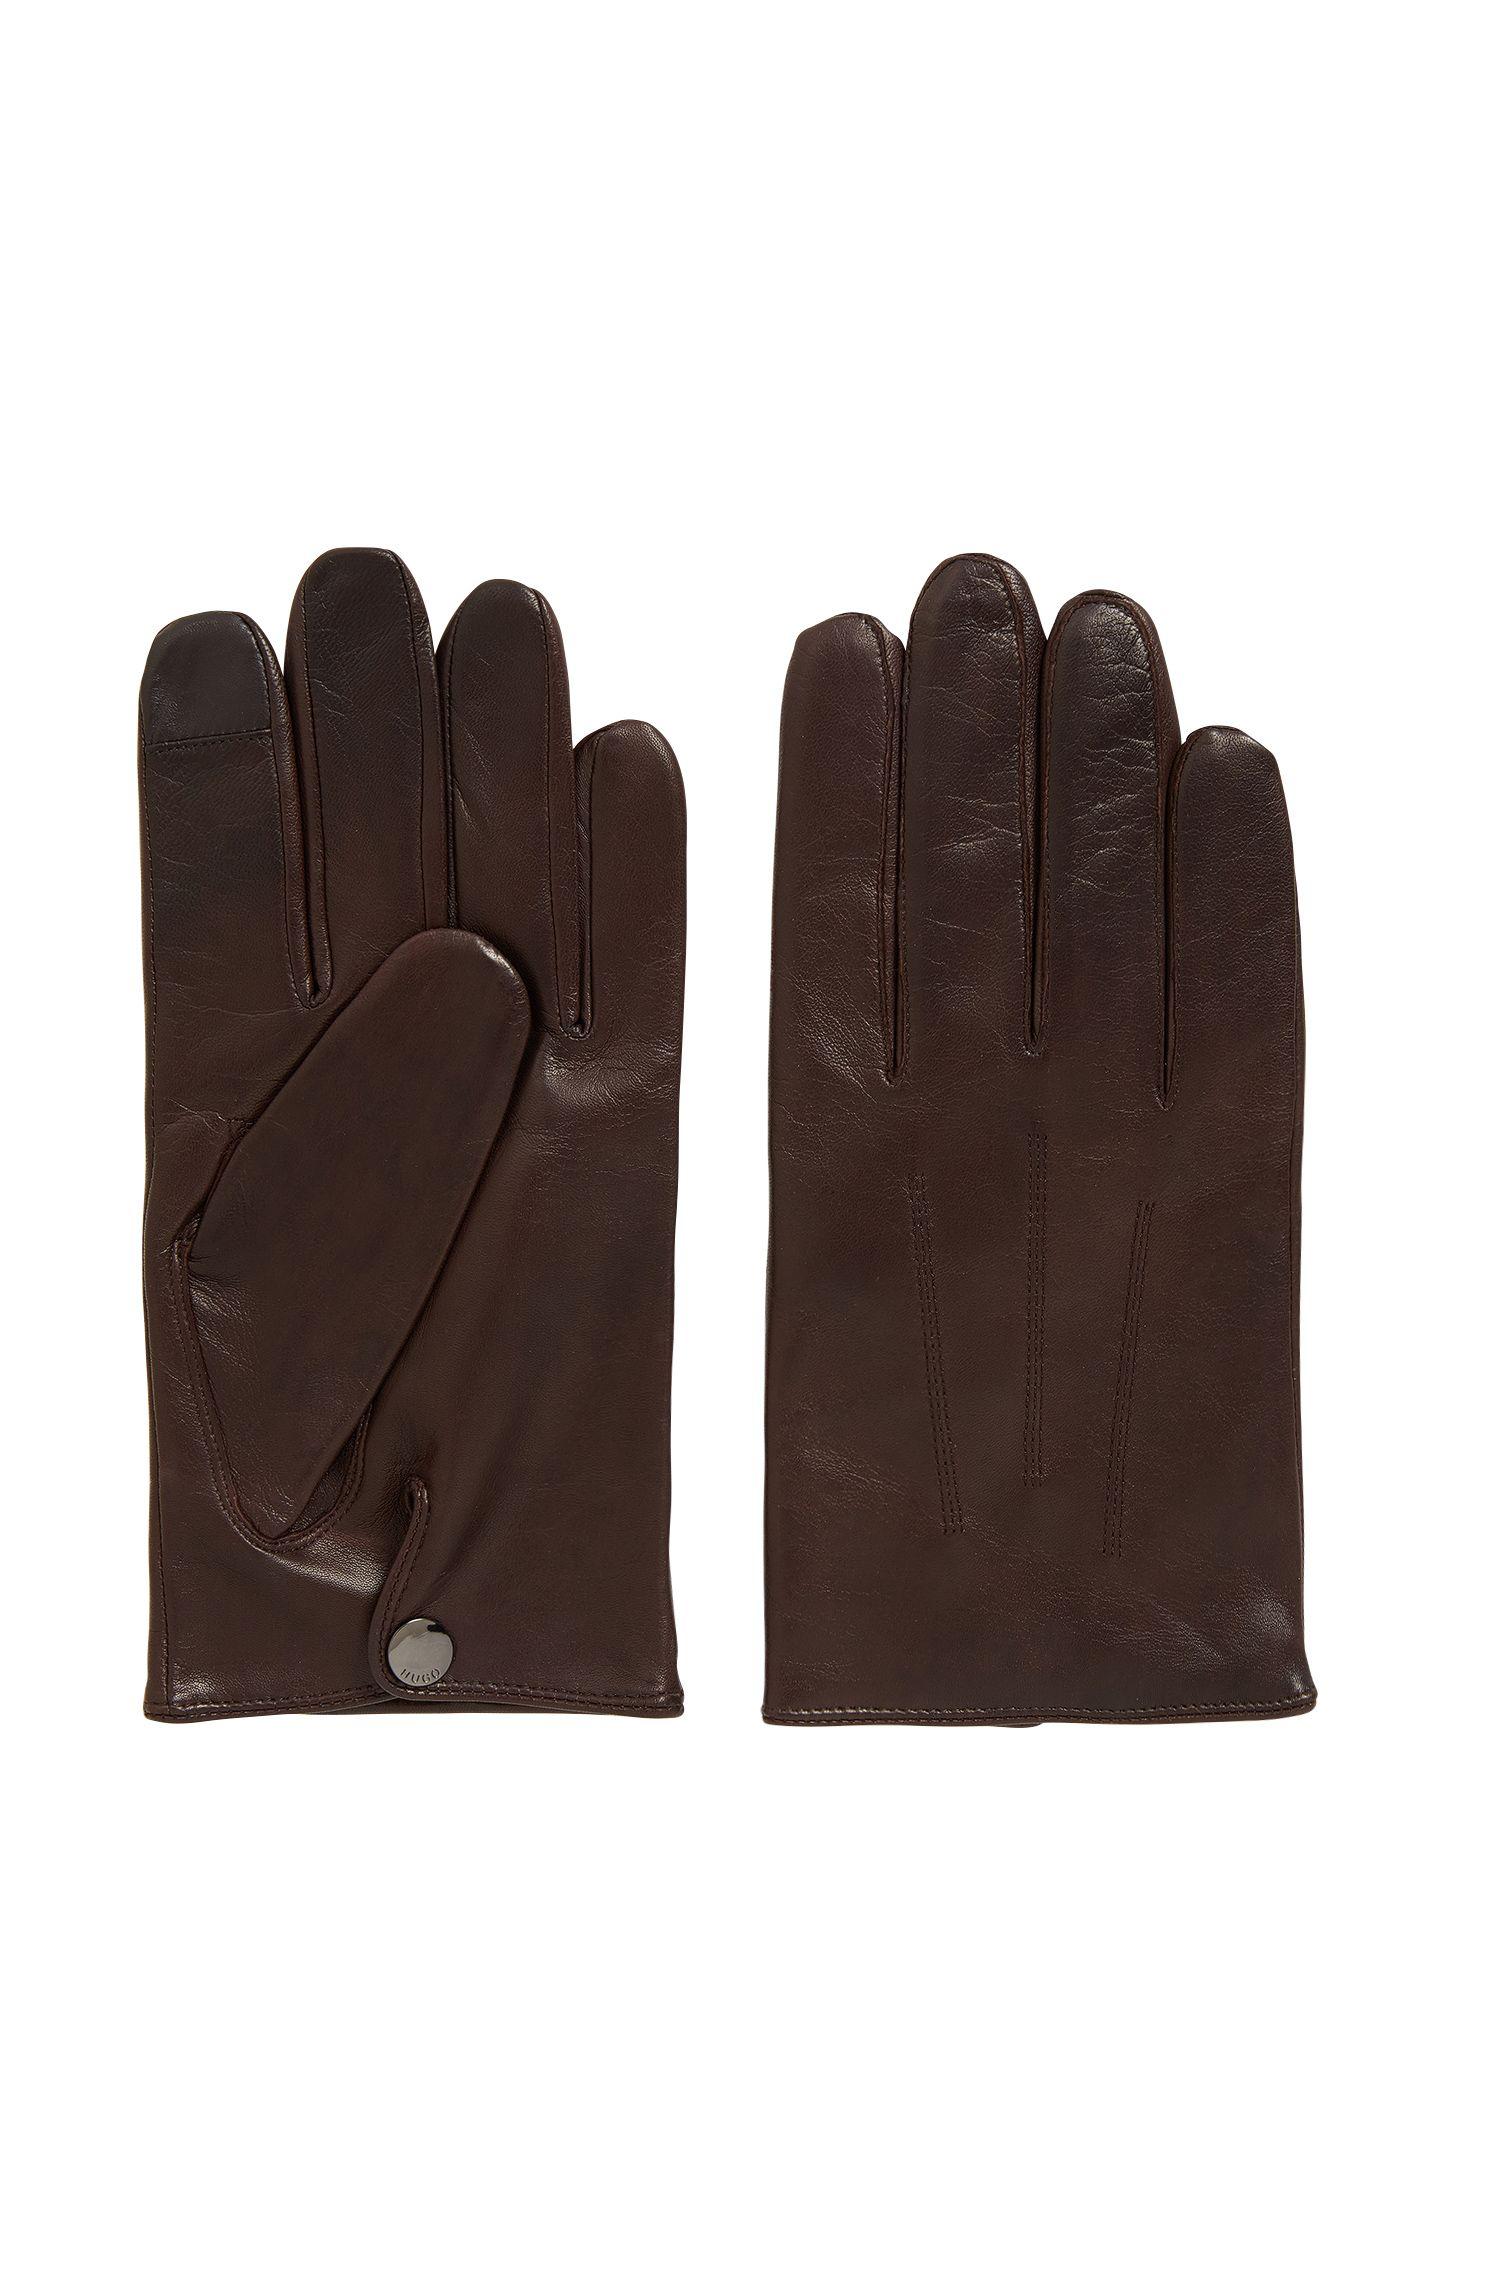 Gants pour écran tactile en cuir nappa doublé de cachemire